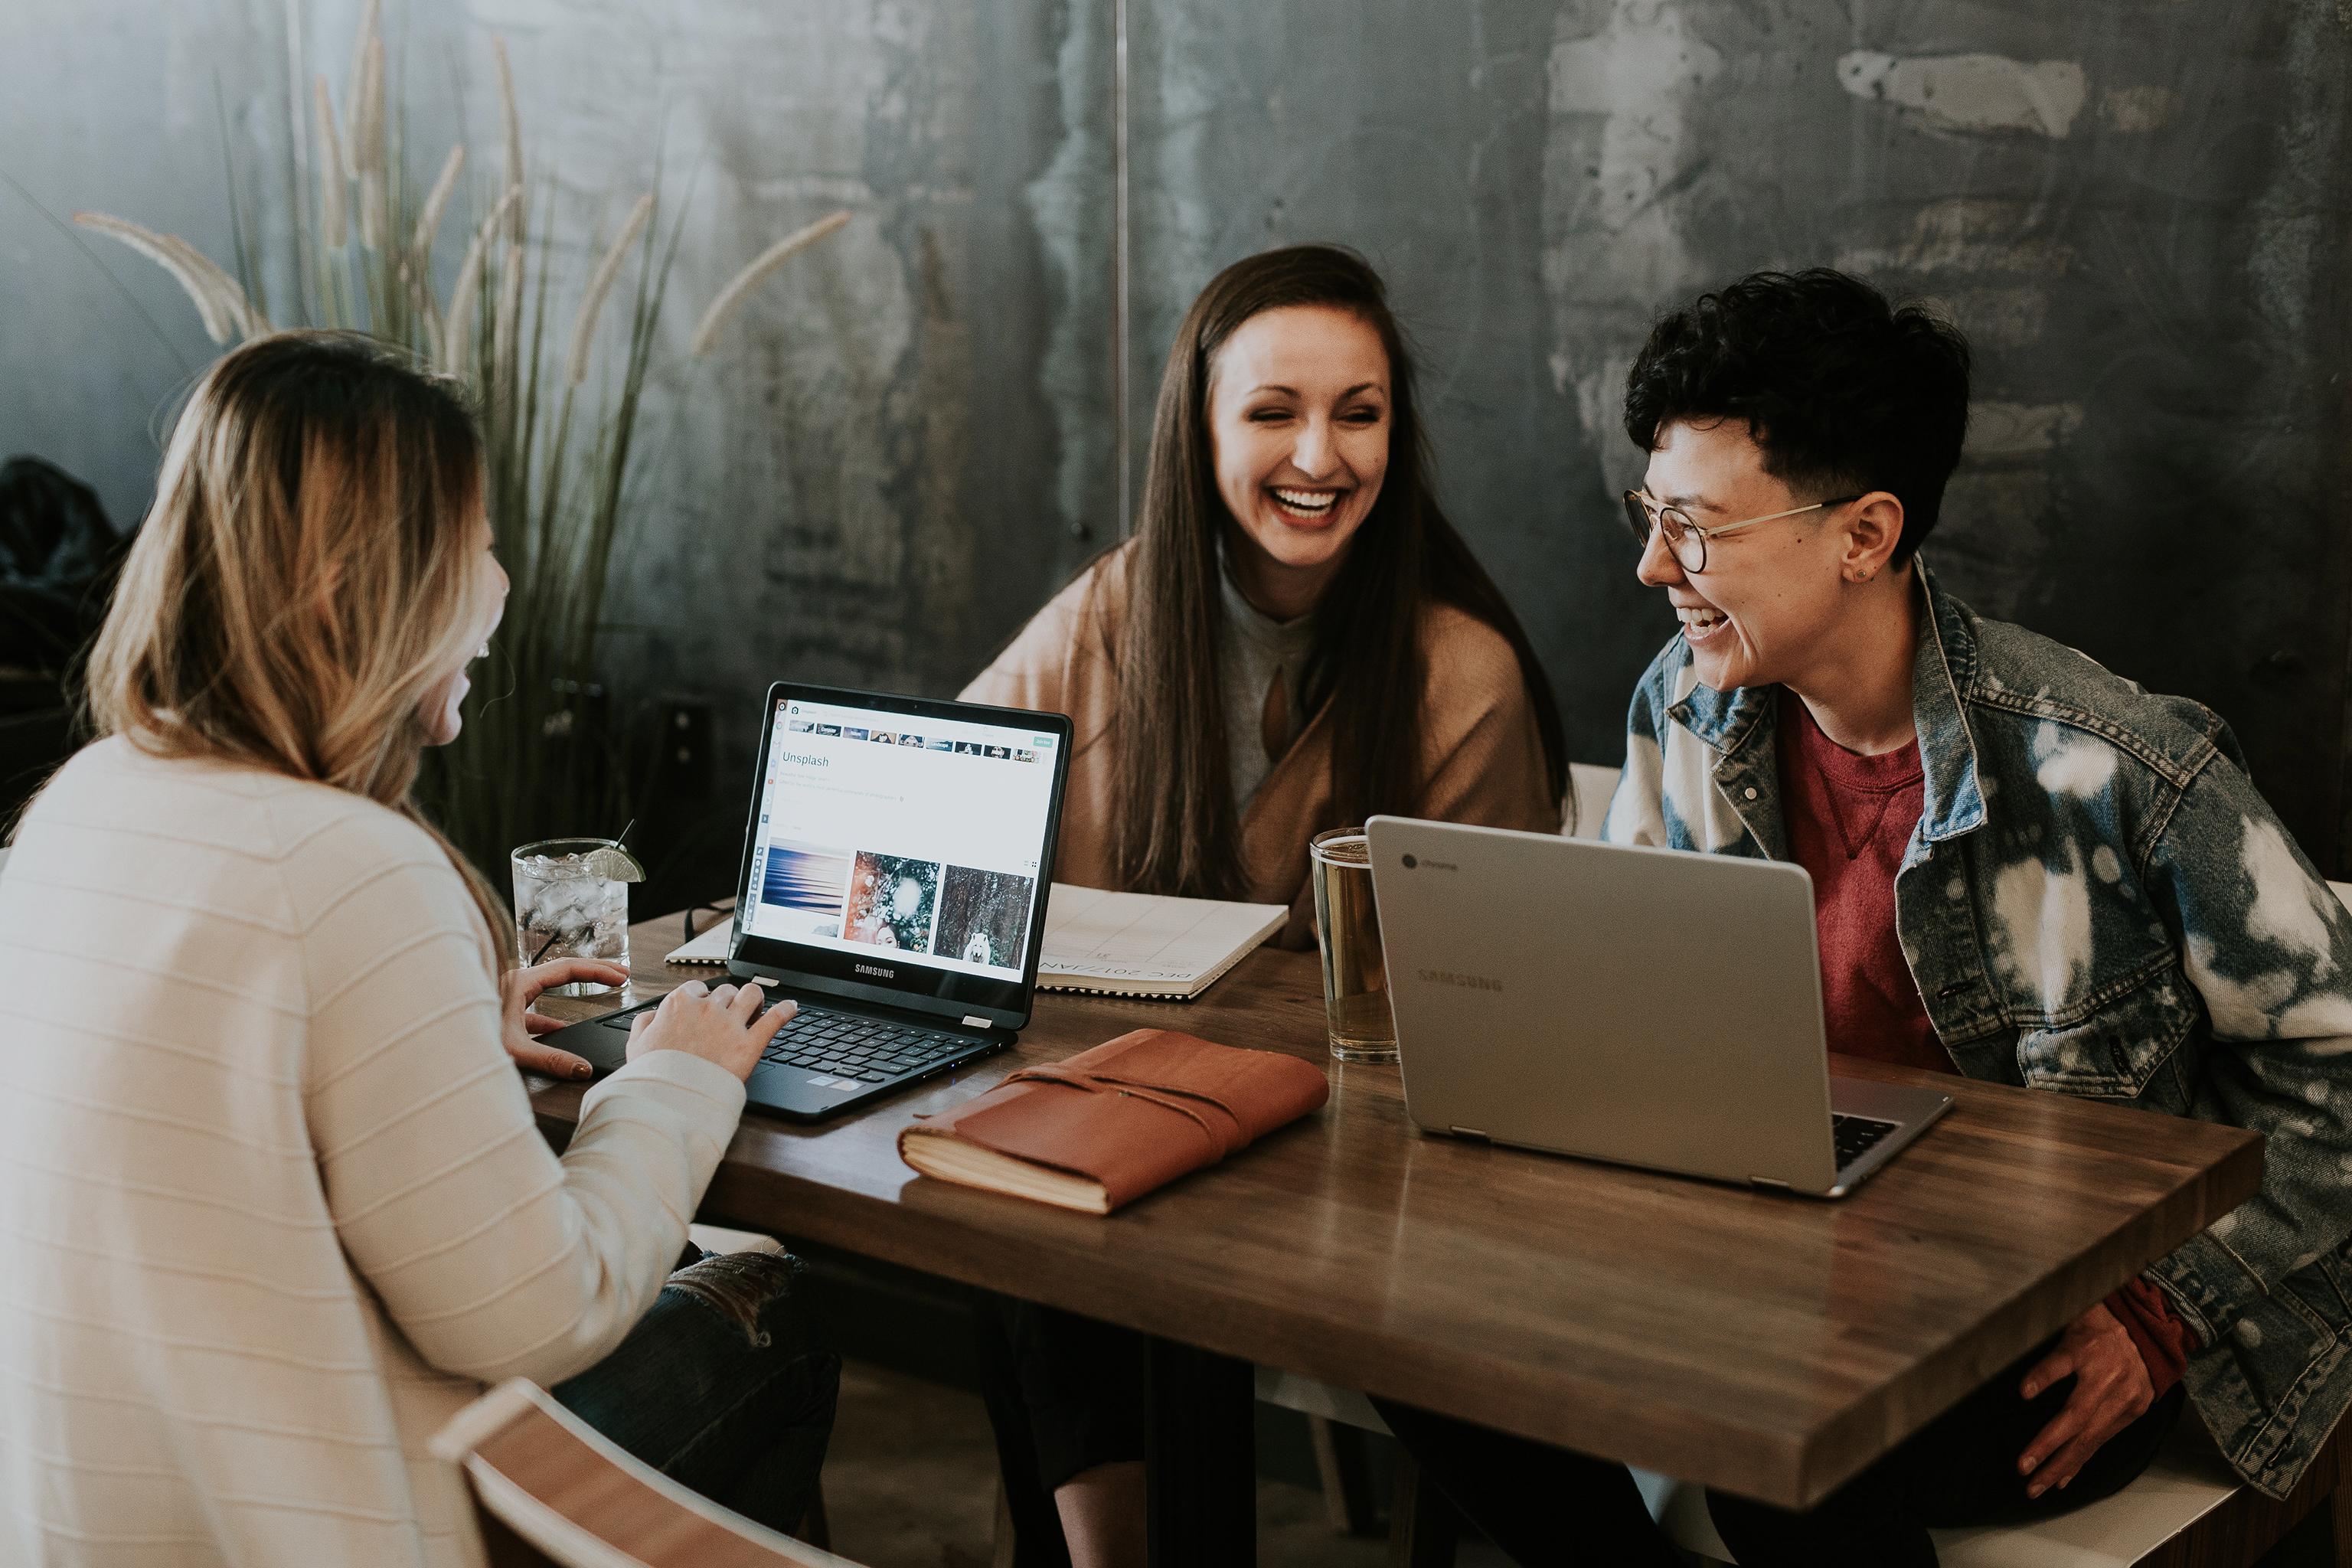 Happy job - Slow Business - 10 conseils pour intégrer la slow life au bureau - Trendy Mood